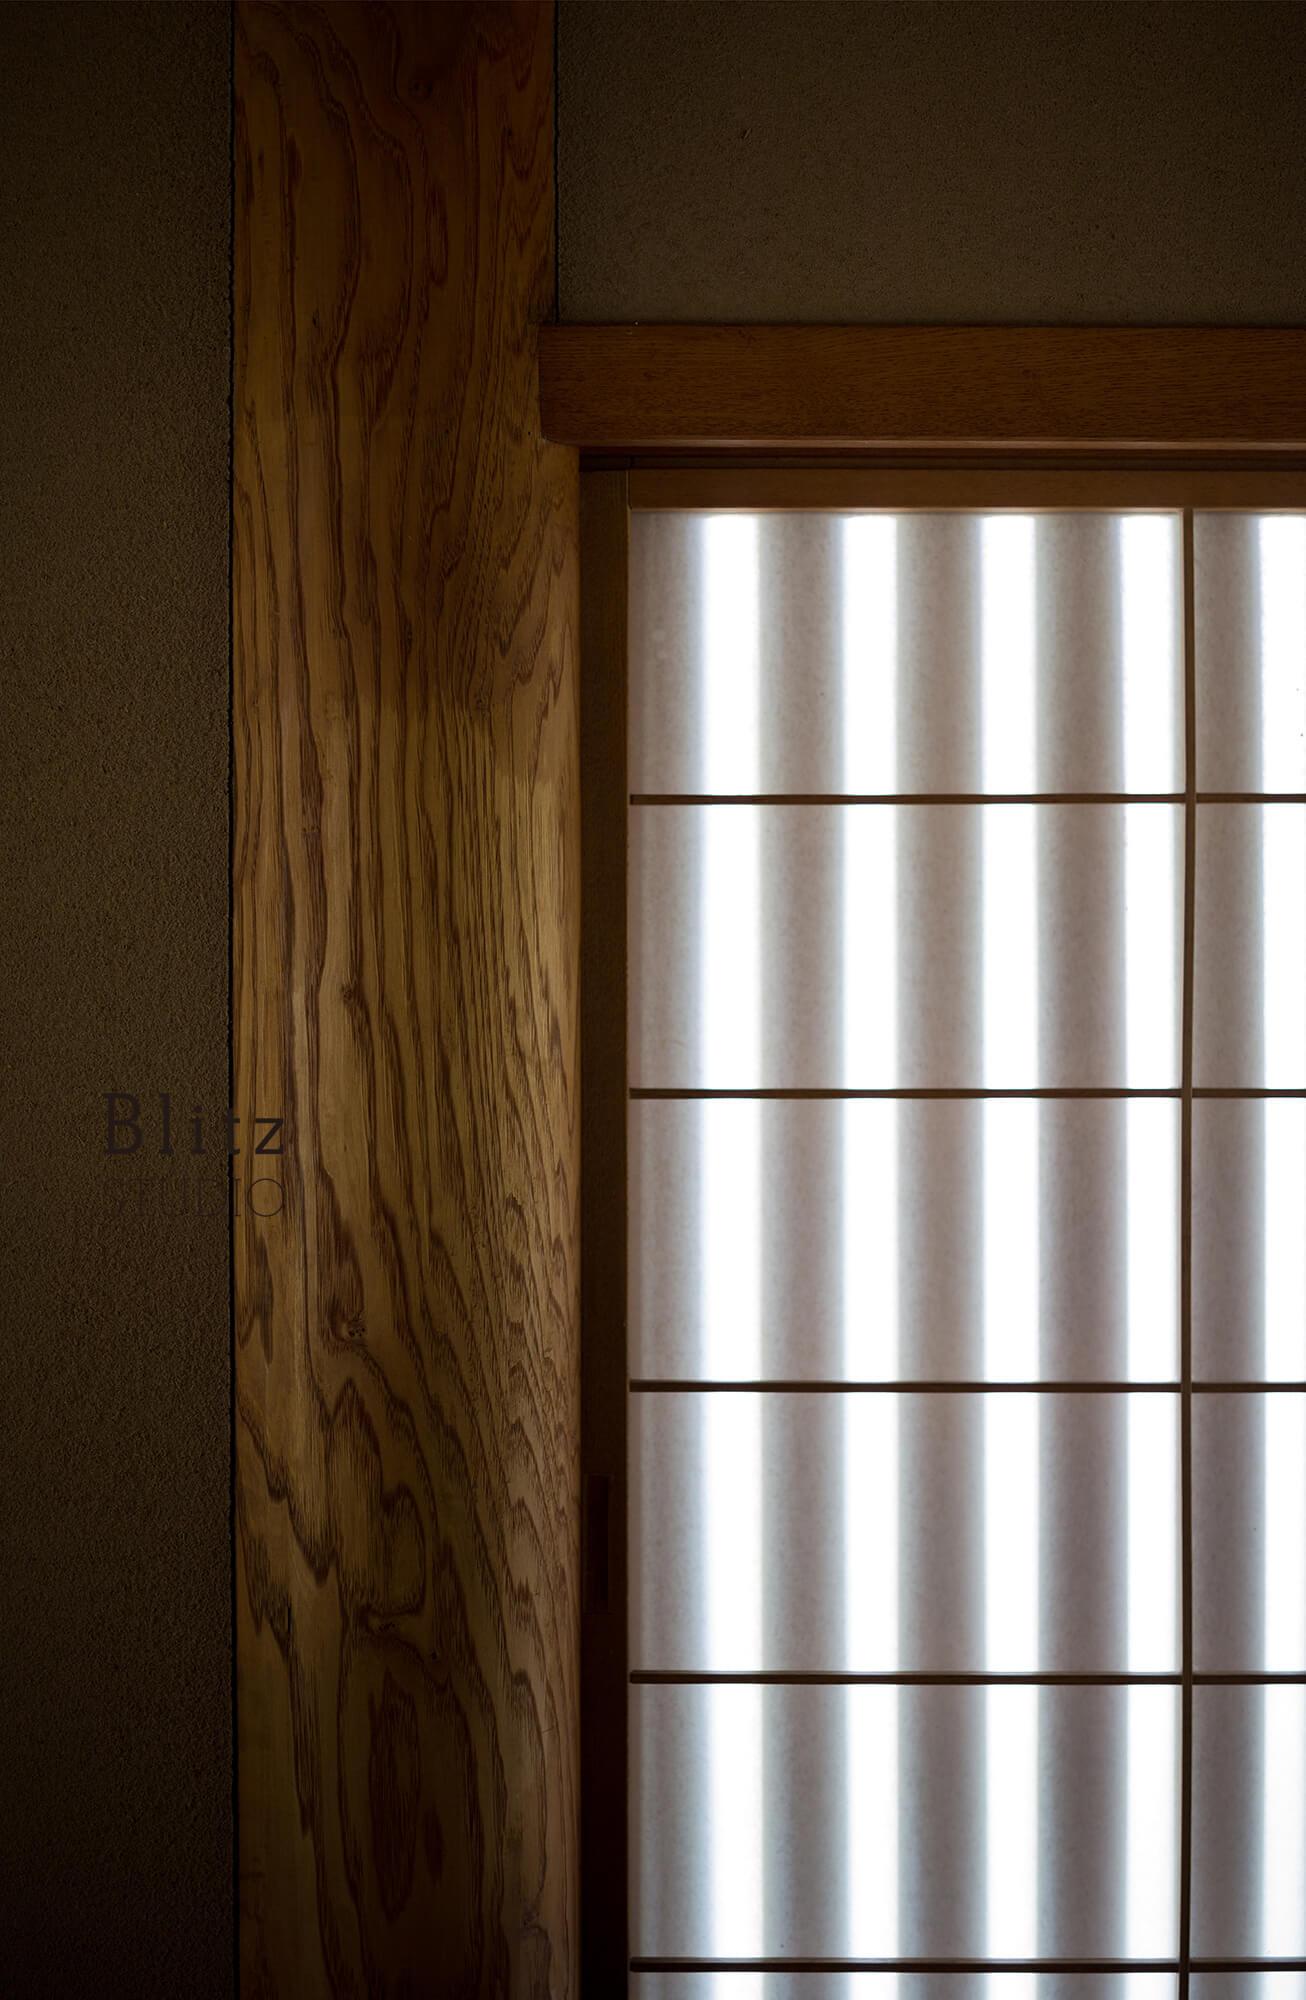 『宗像名残荘』建築写真・竣工写真・インテリア写真48